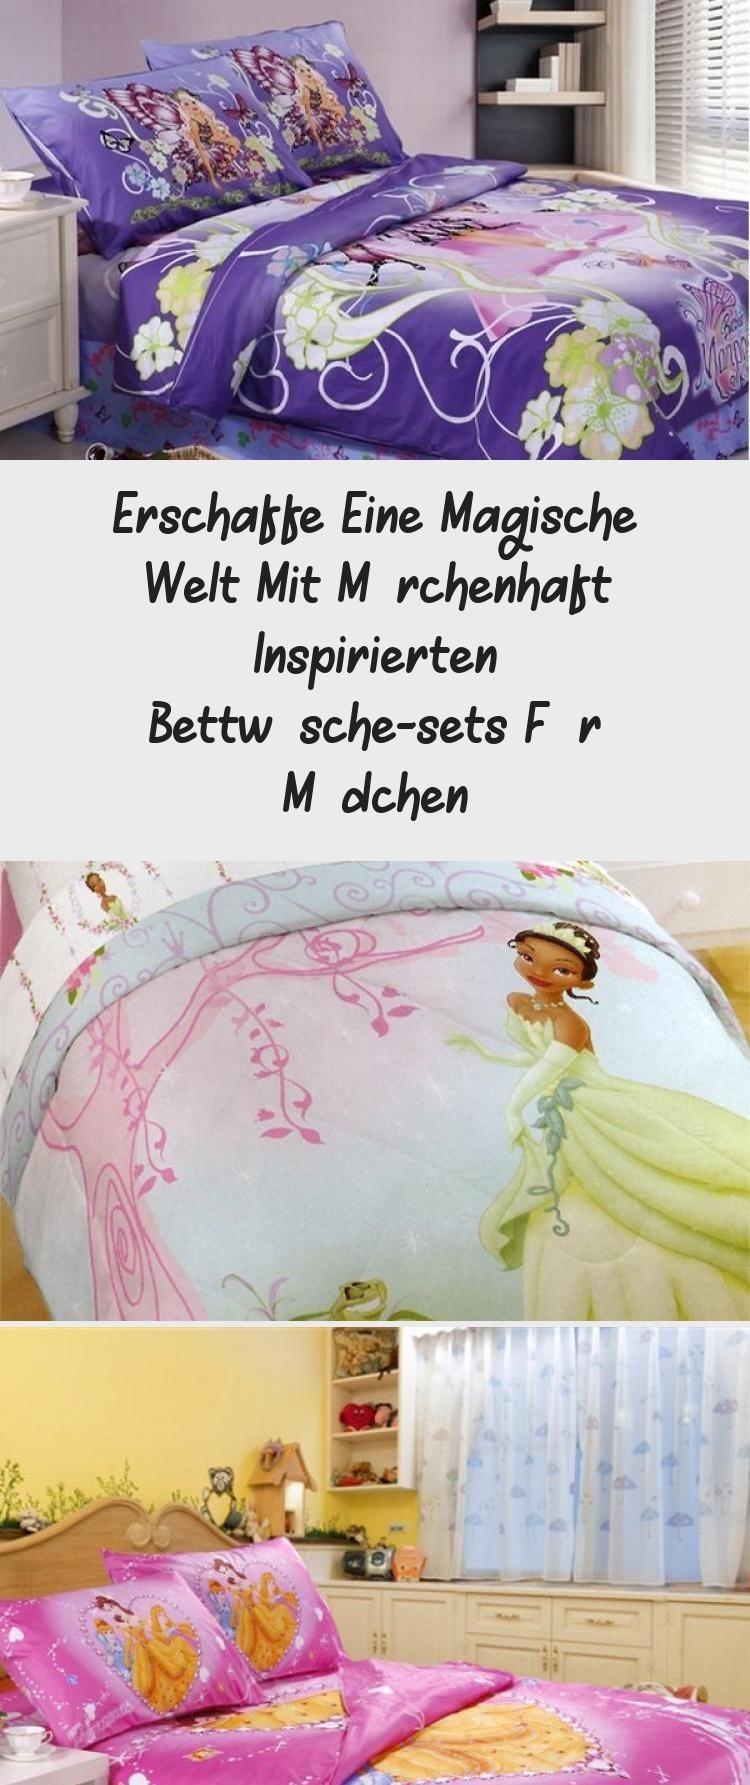 Erschaffe Eine Magische Welt Mit Marchenhaft Inspirierten Bettwasche Sets Fur Madchen In 2020 Bettwasche Inspirieren Madchen Bett